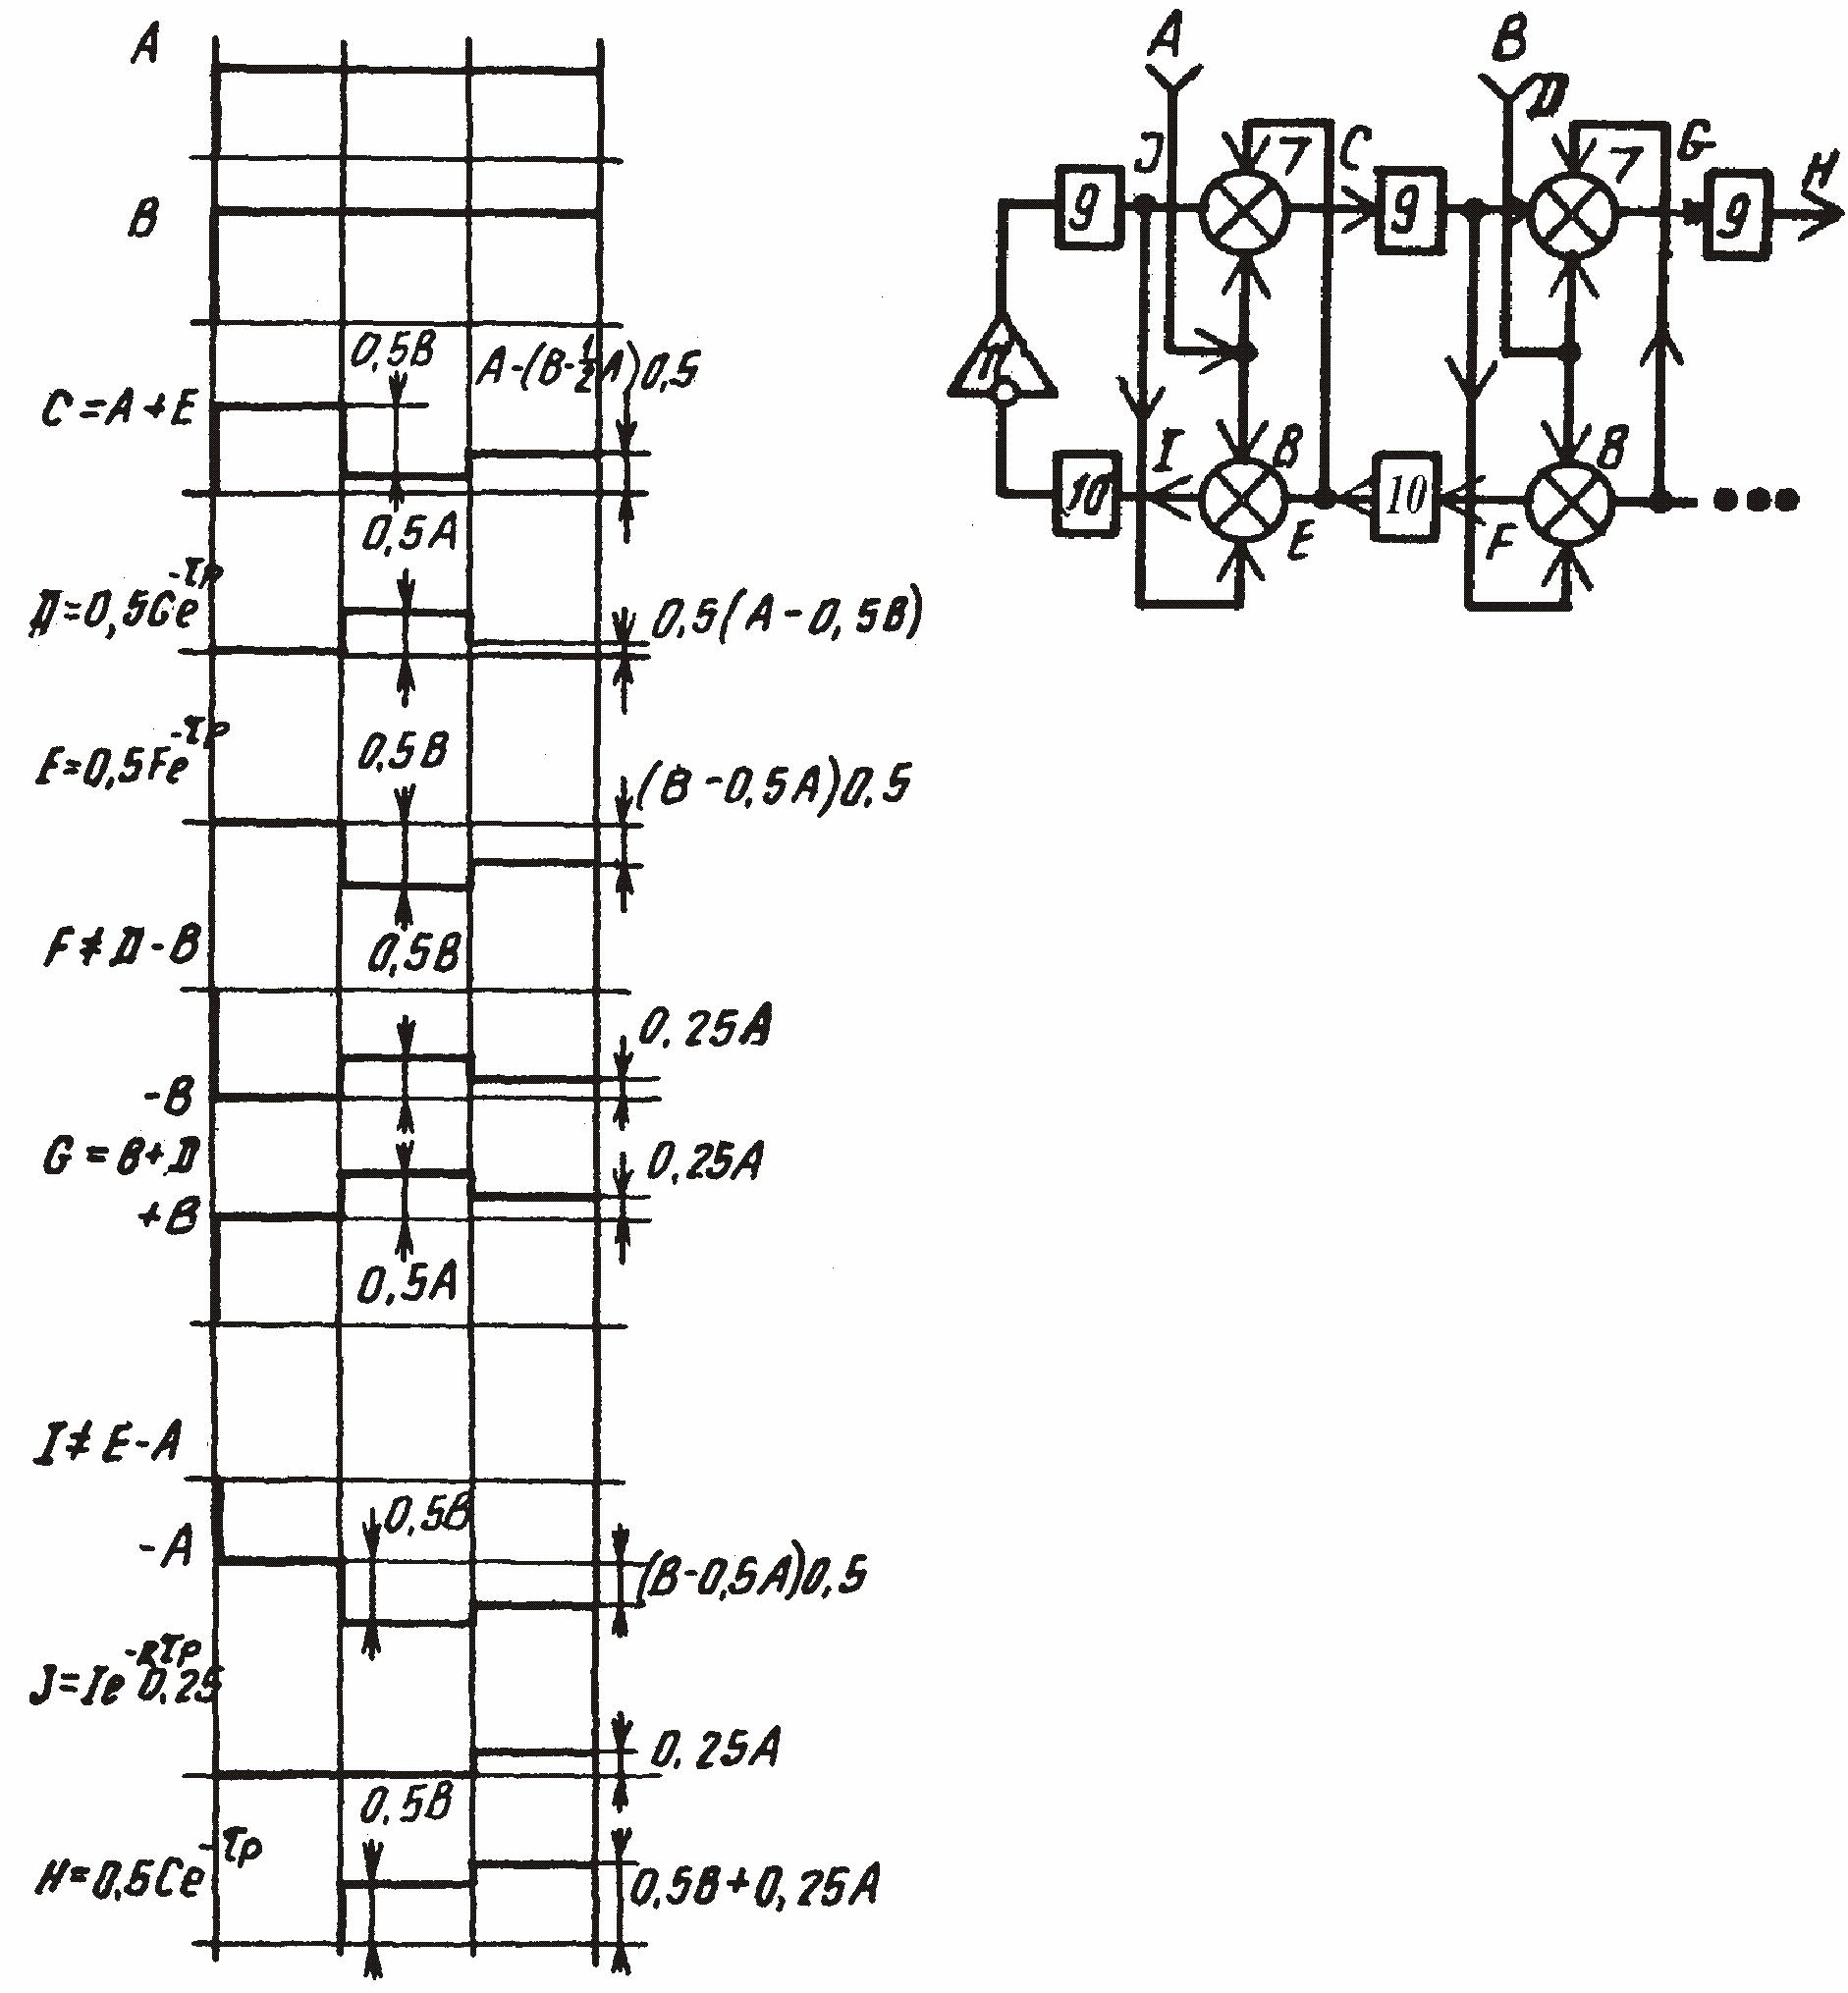 Рис. 5. Диаграмма сигналов двухузловой модели волнового нейропроцессора по а.с. 1501101. В данном случае статические коэффициенты передачи элементов 9 и 10 задержки равны 0,5.